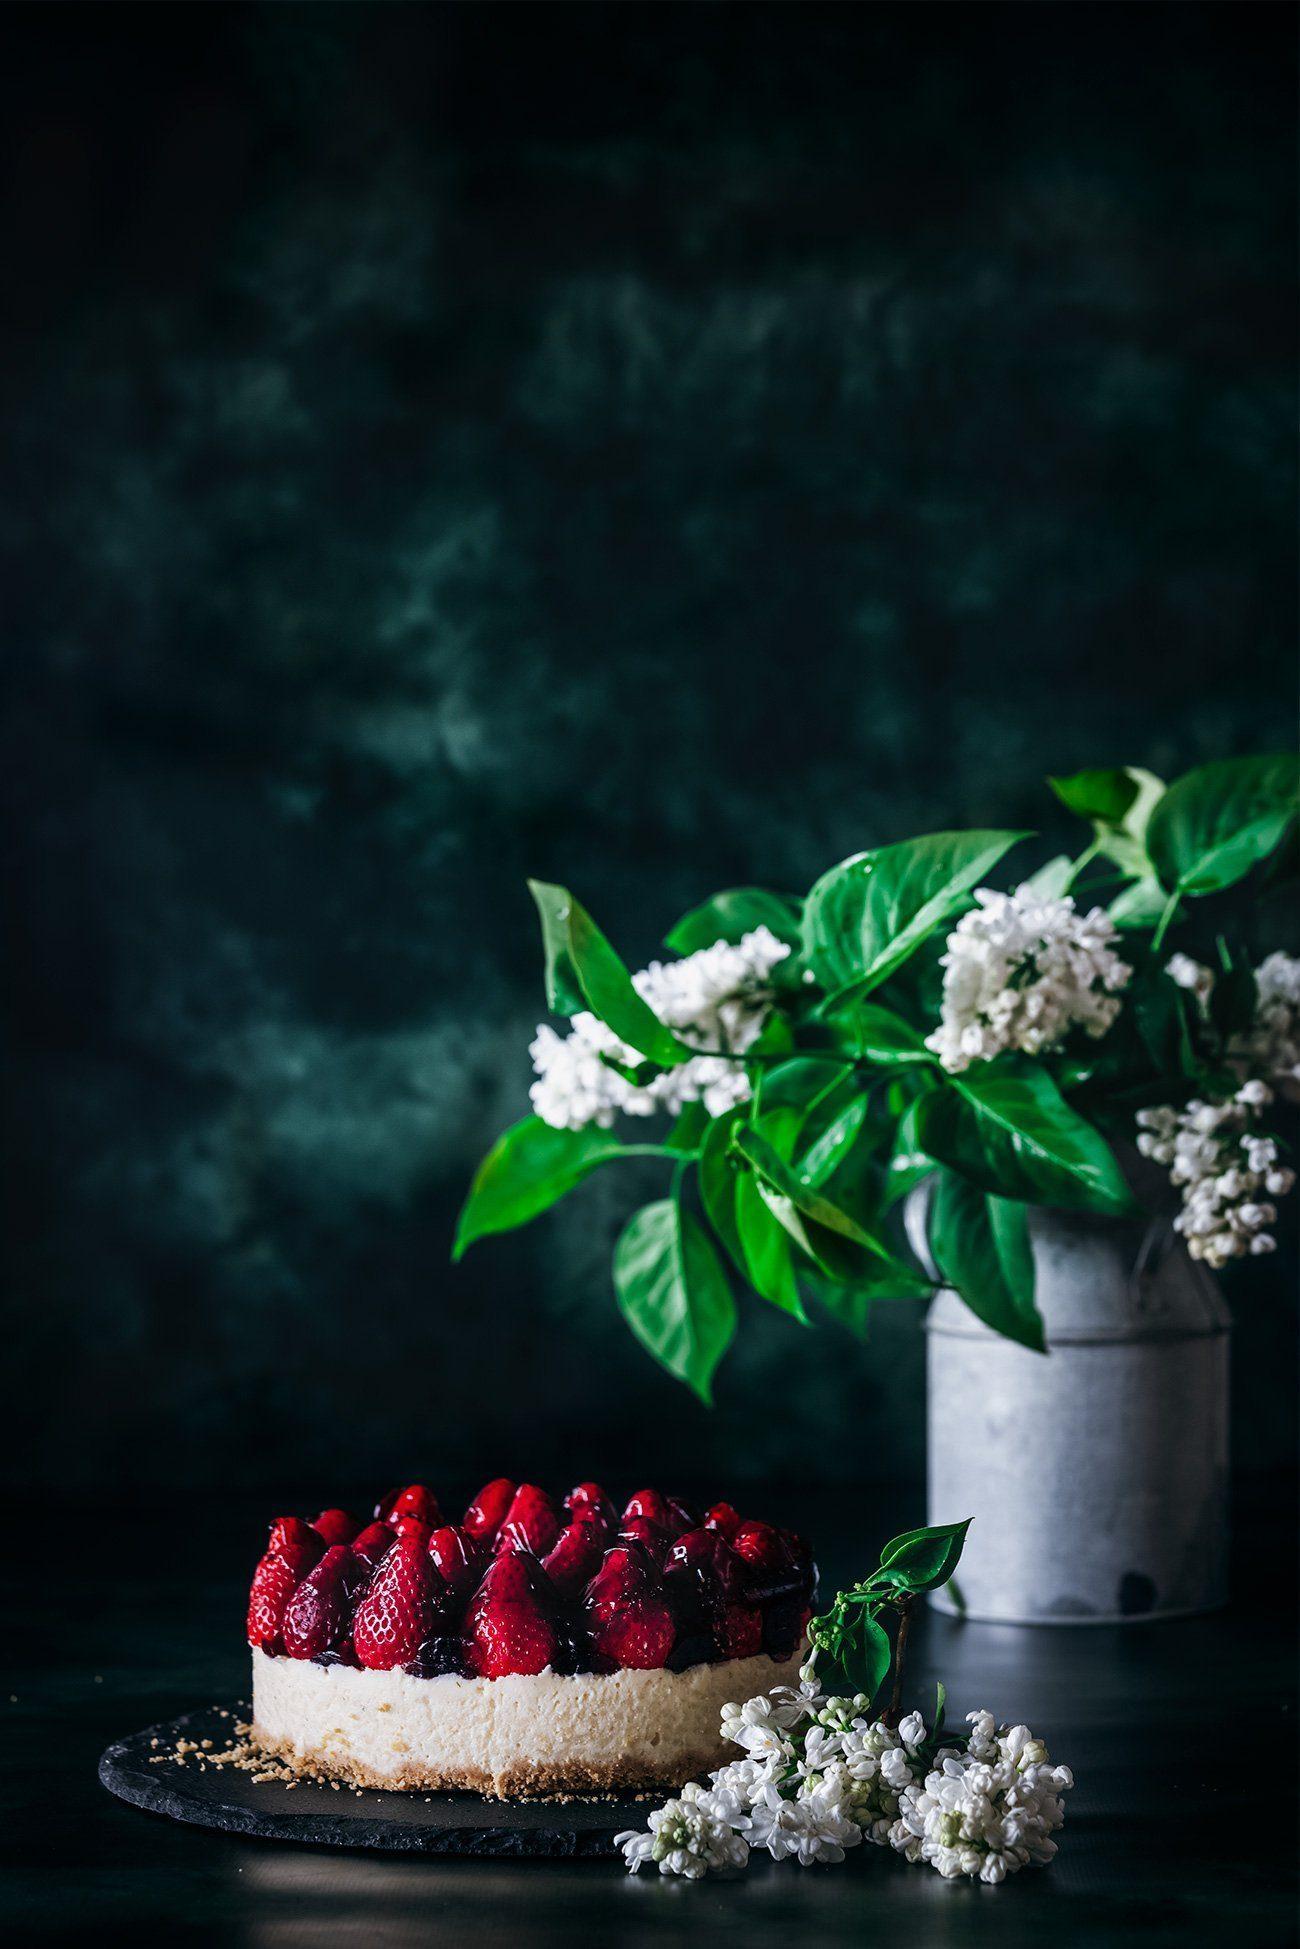 Wie klingt das? Milchreis, Erdbeeren und der Rest erledigt der Kühlschrank? Ich finde, das klingt herrlich. Ich wünsche Euch von Herzen ein sonniges Wochenende und eine entspannte Zeit – nur für Euch.